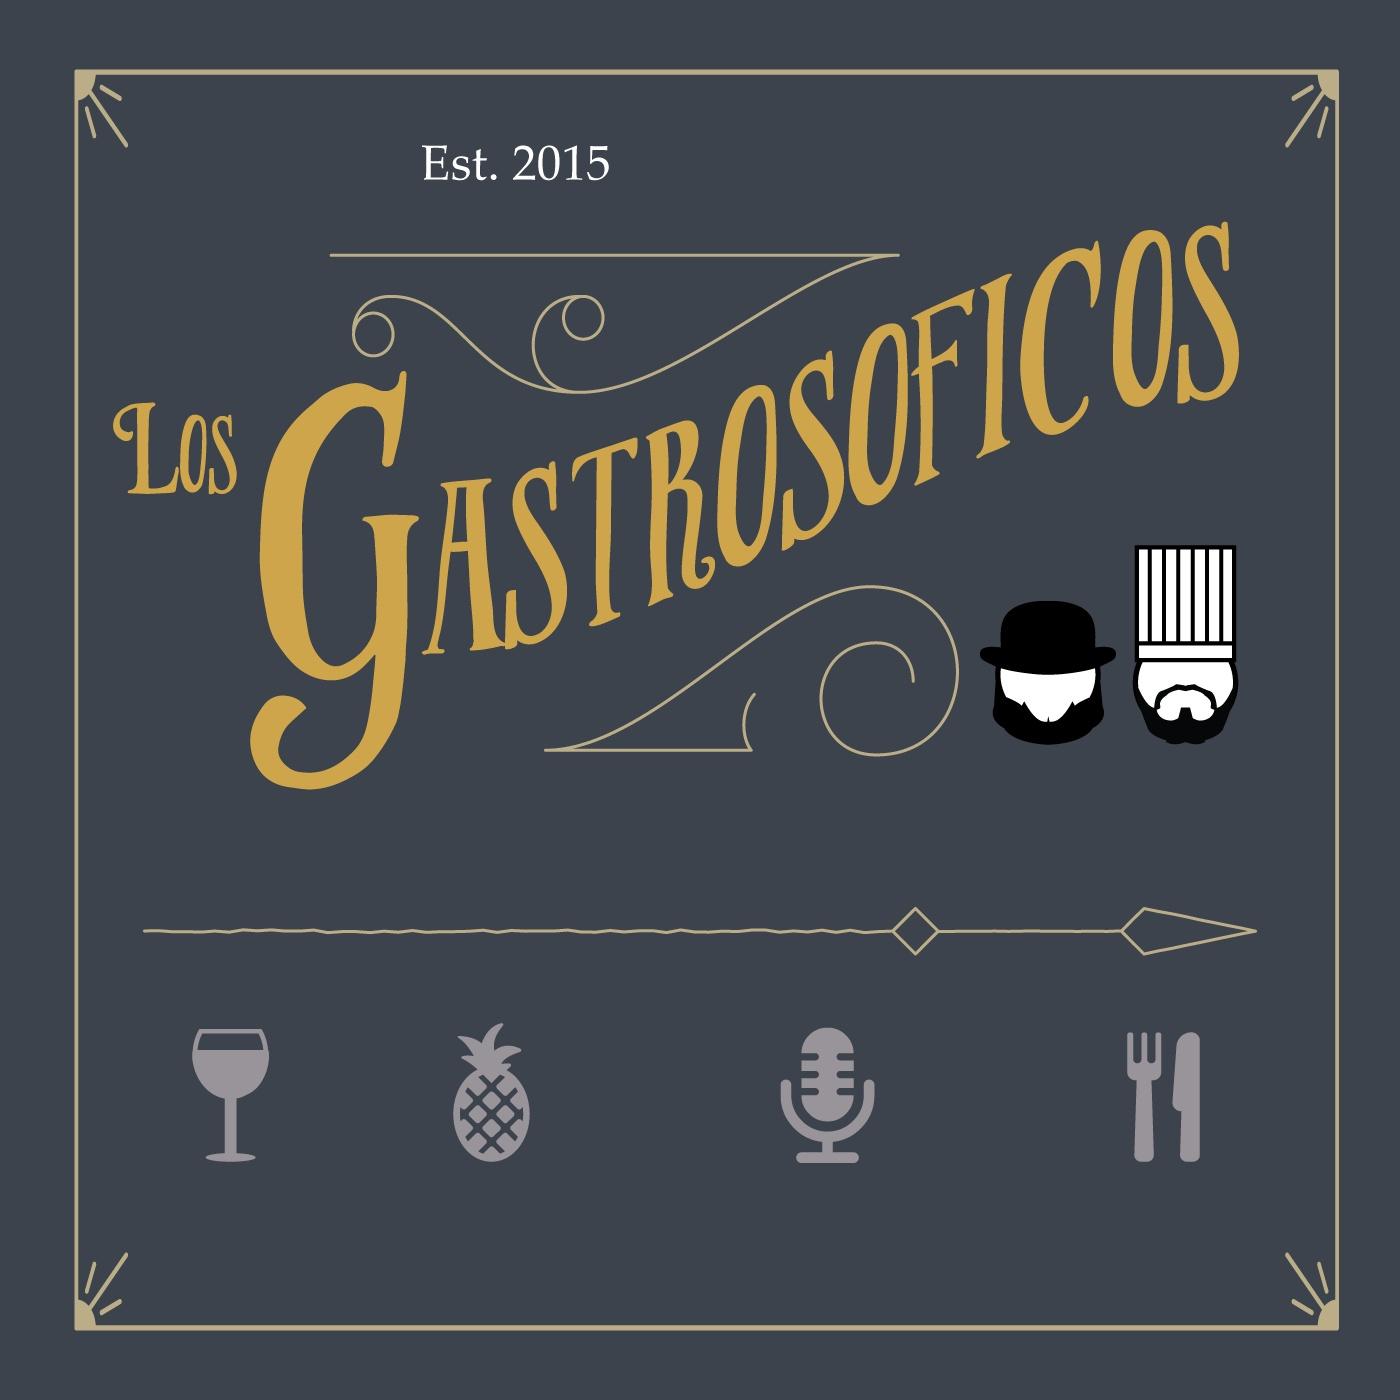 Los Gastrosoficos